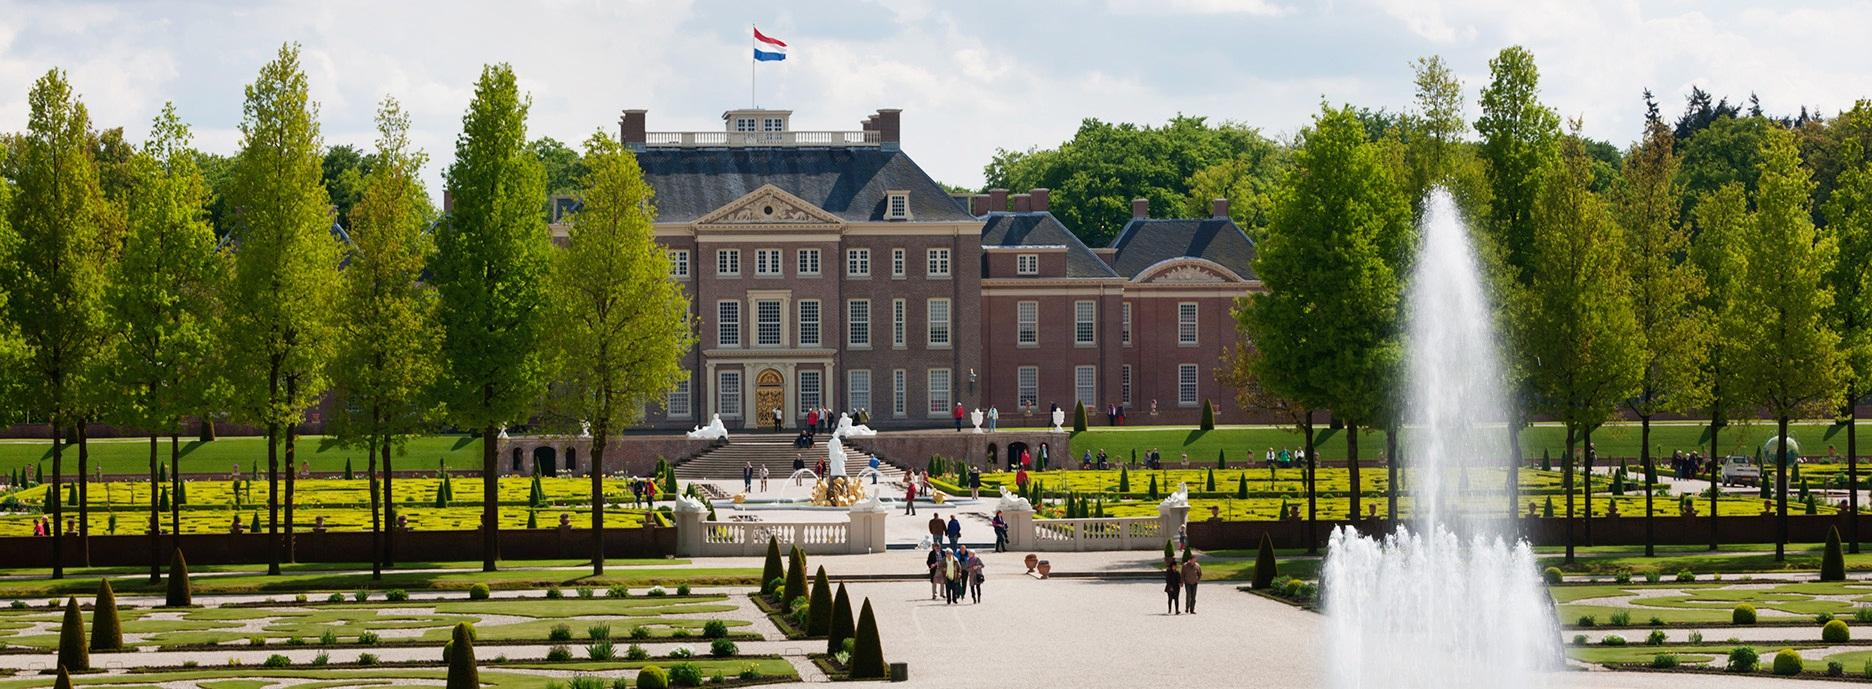 Bezorging Nieuwsblad Stedendriehoek